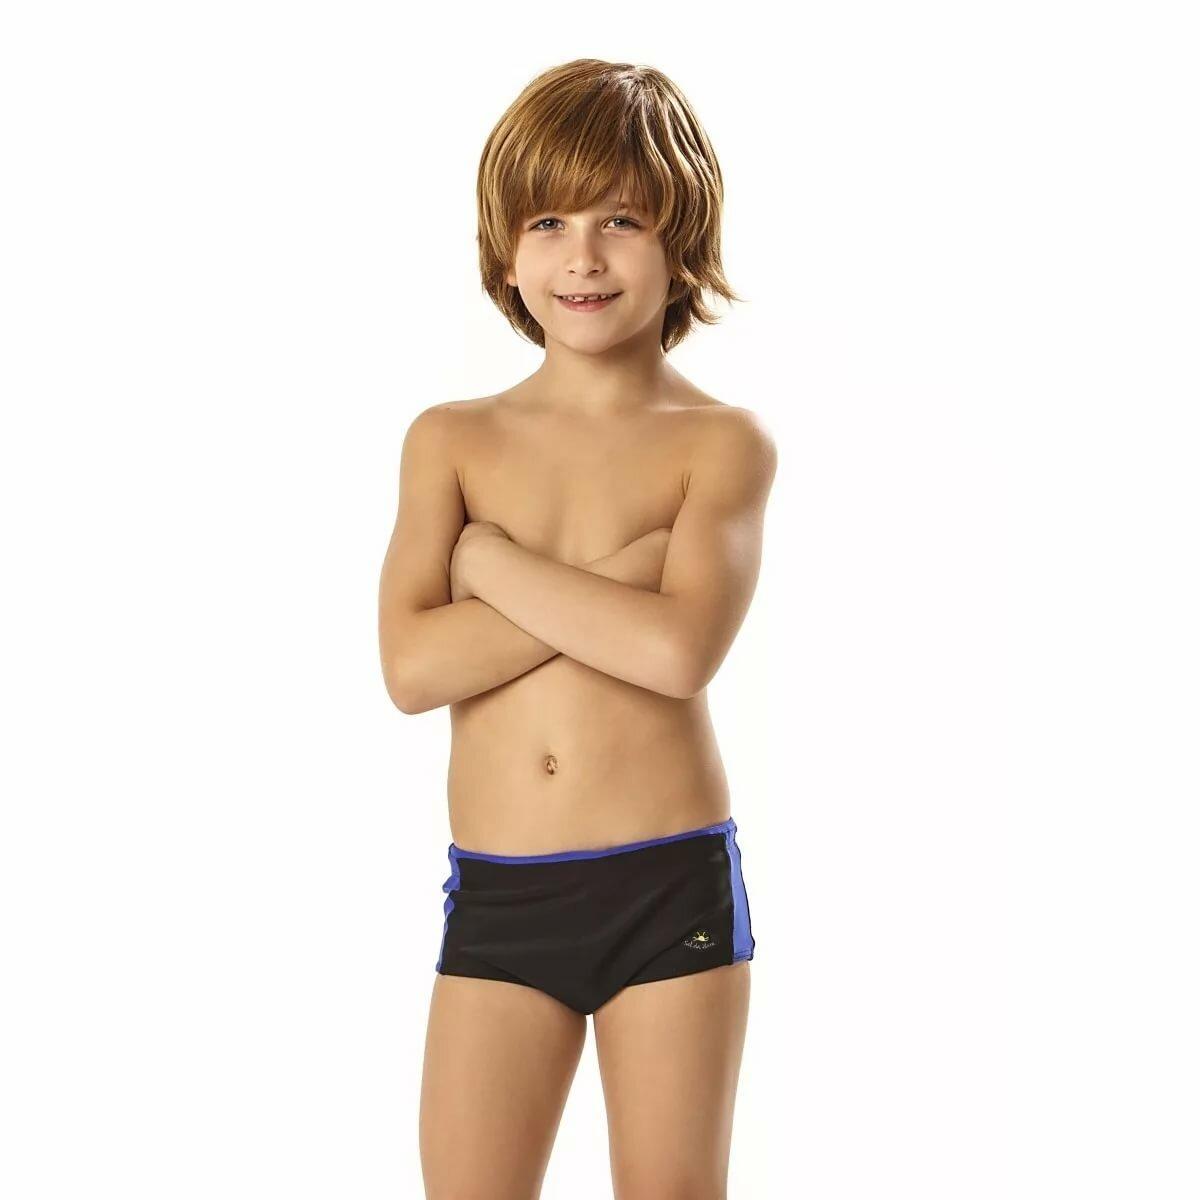 nude-boy-parts